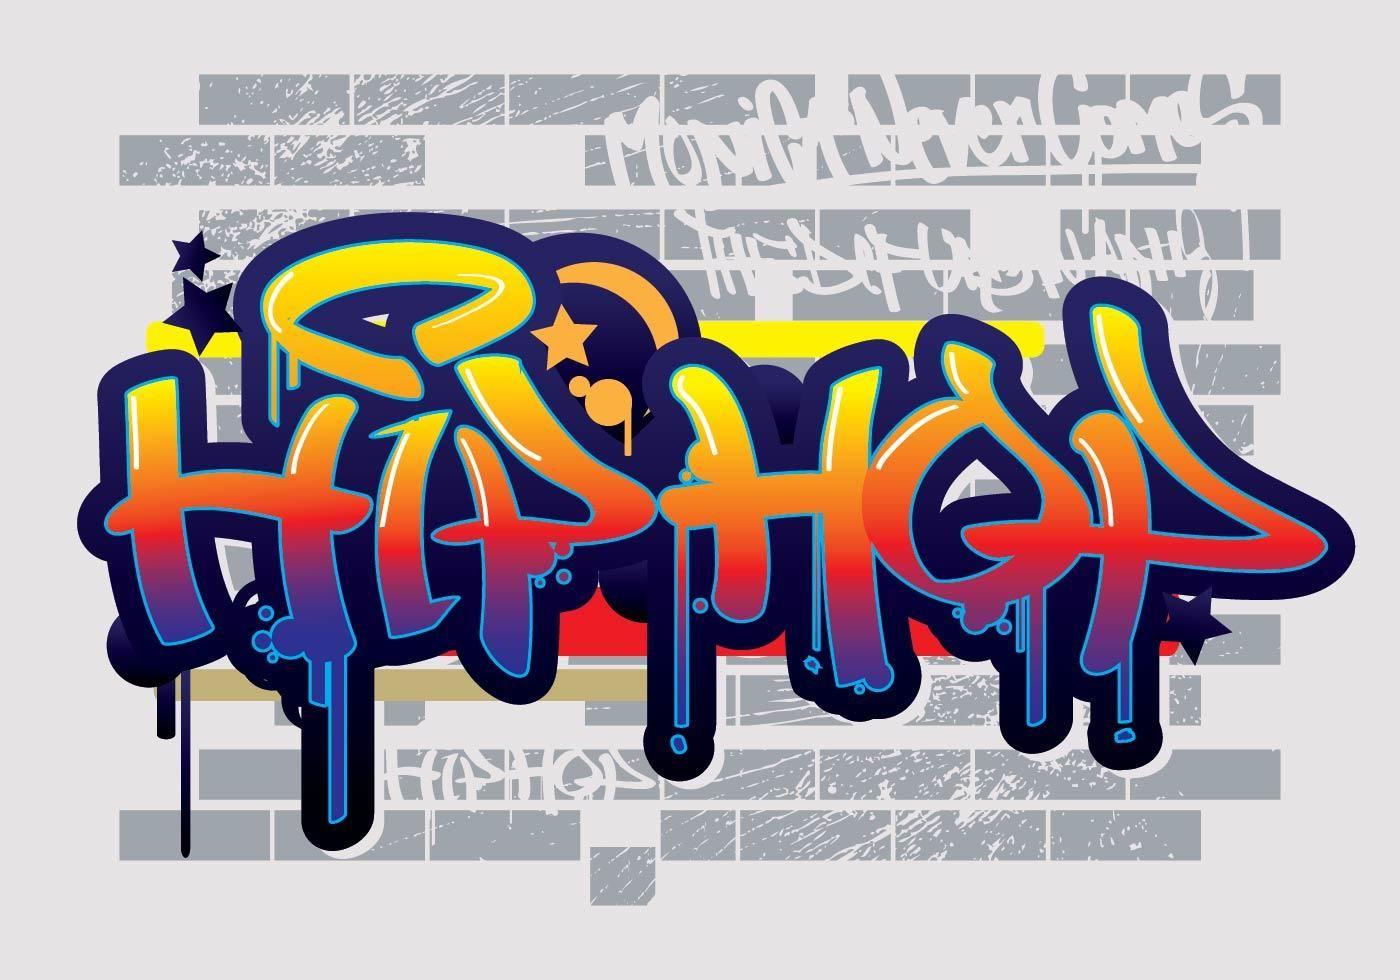 Hip Hop Graffiti Text Vector Graffiti Text Graffiti Words Graffiti Lettering